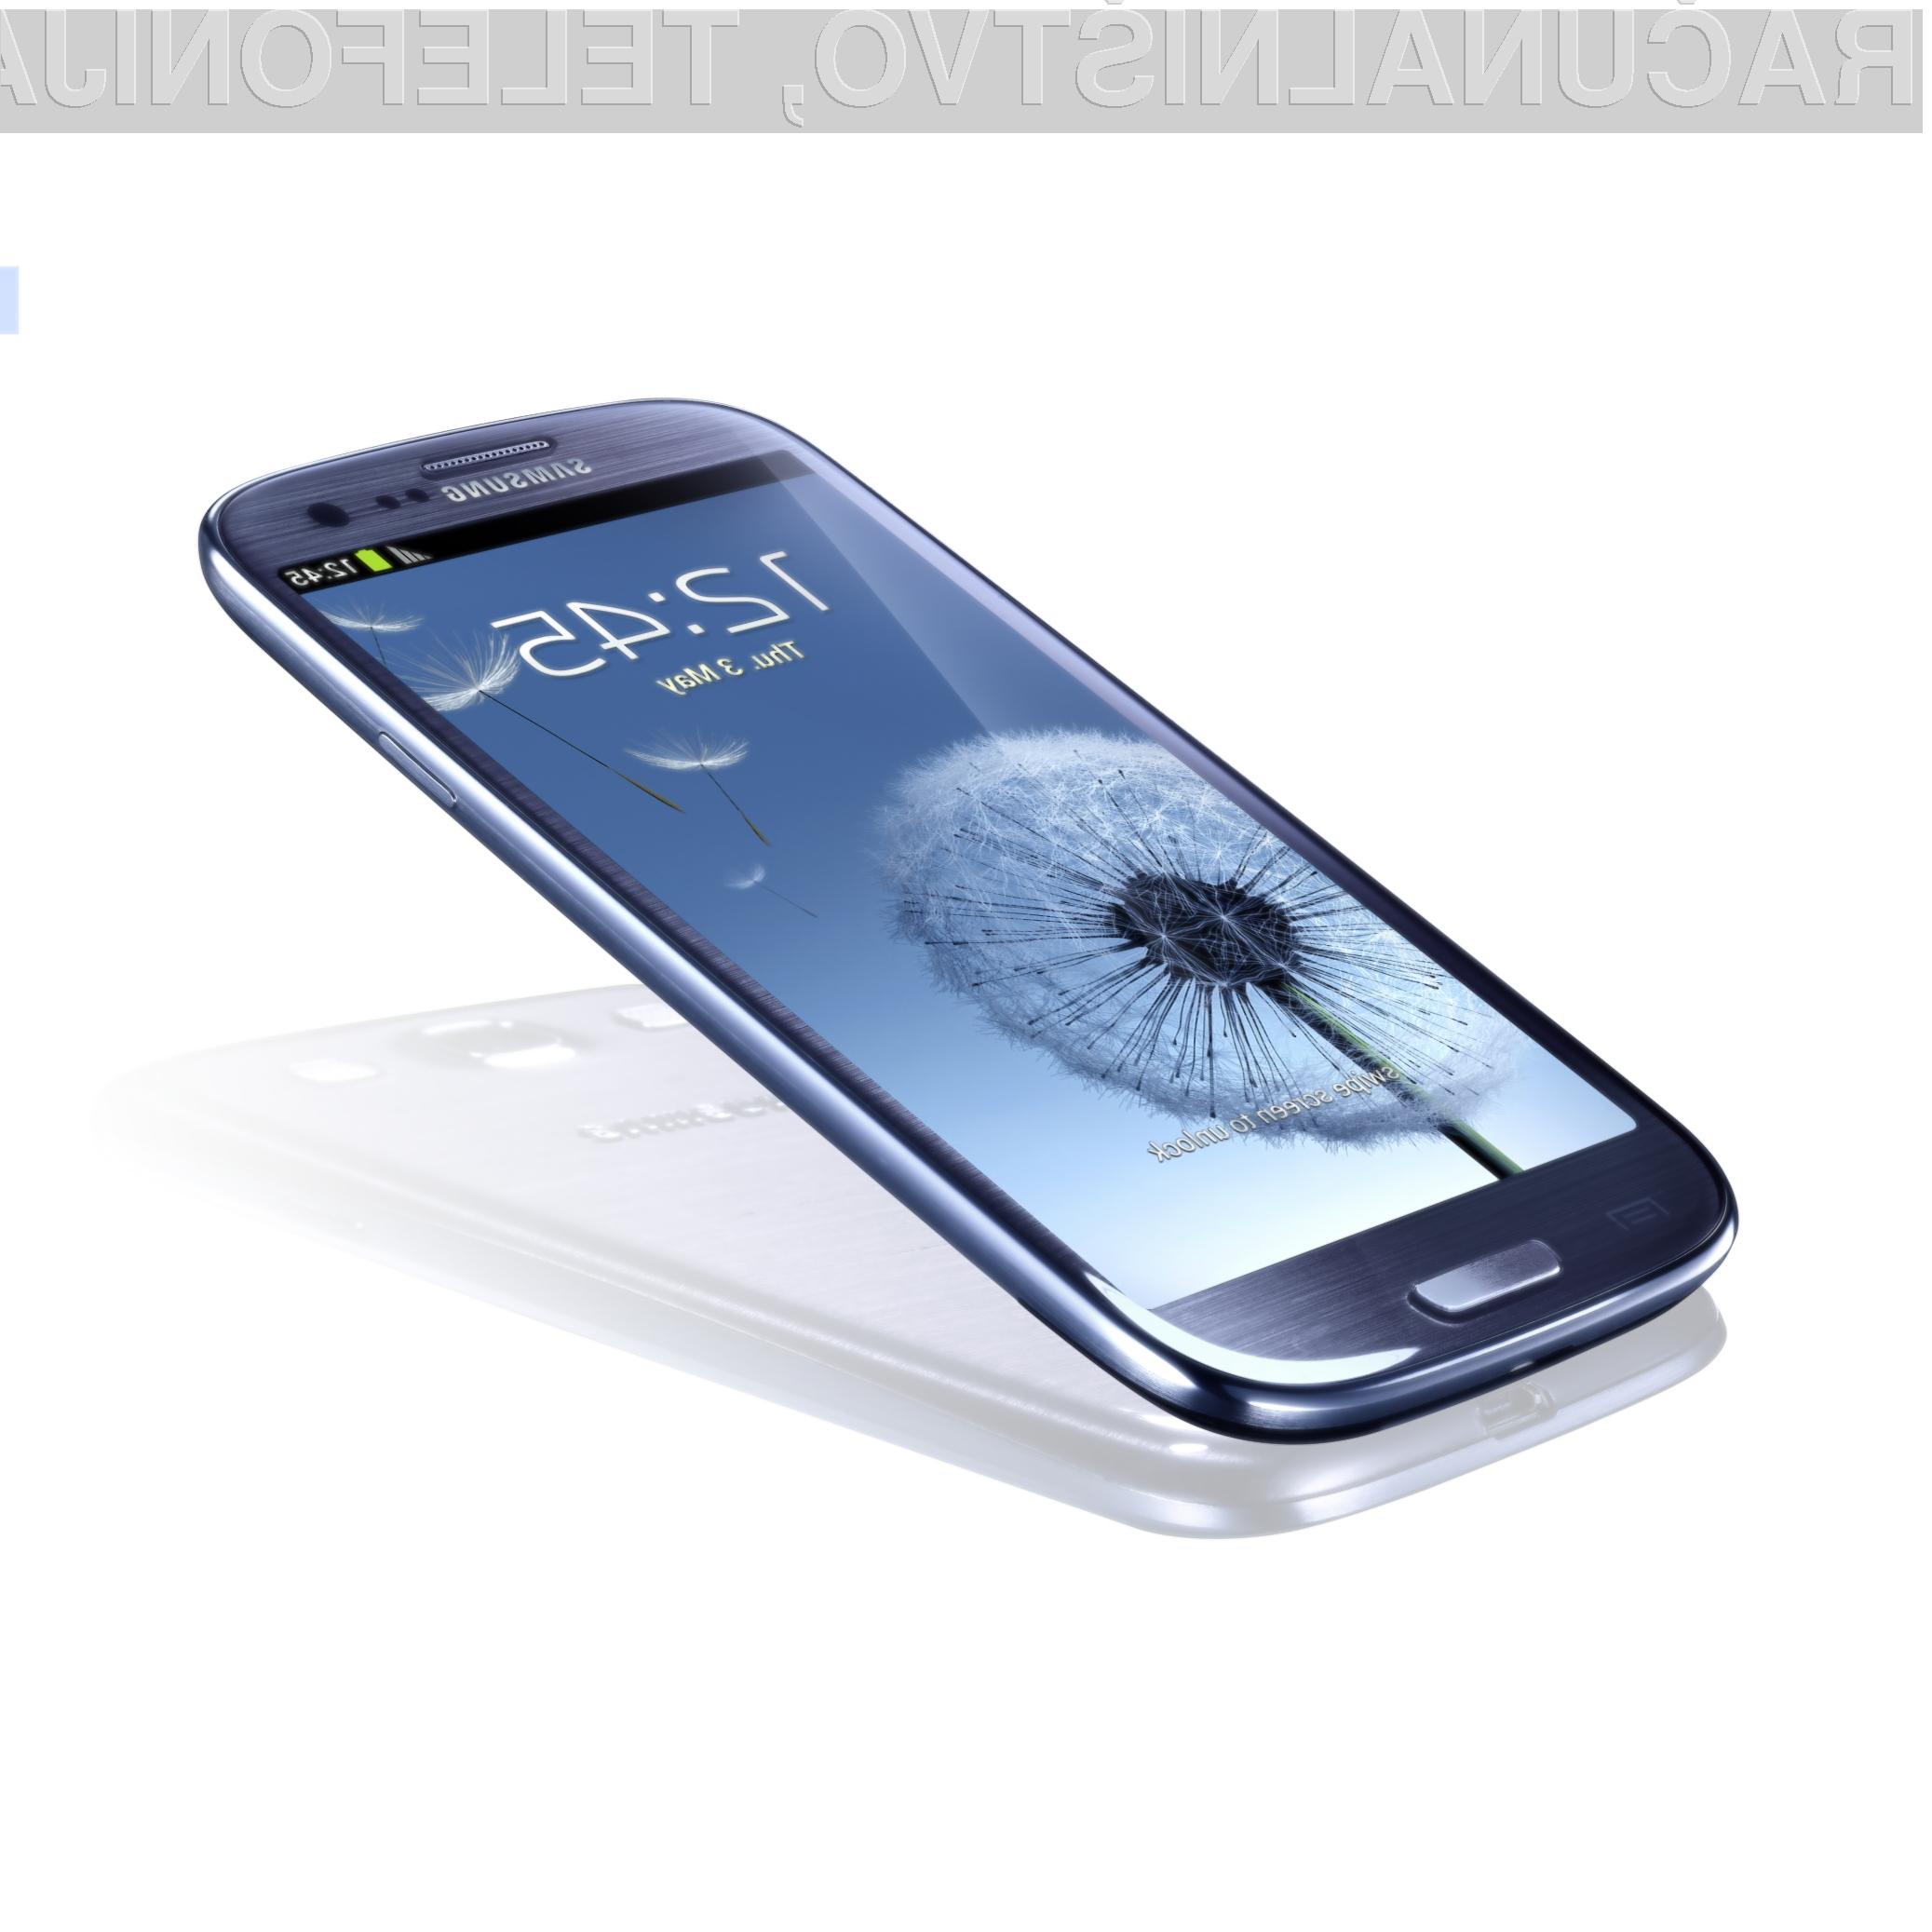 Samsungov Galaxy S3 je prav gotovo eden izmed najboljših modelov lanskega leta.